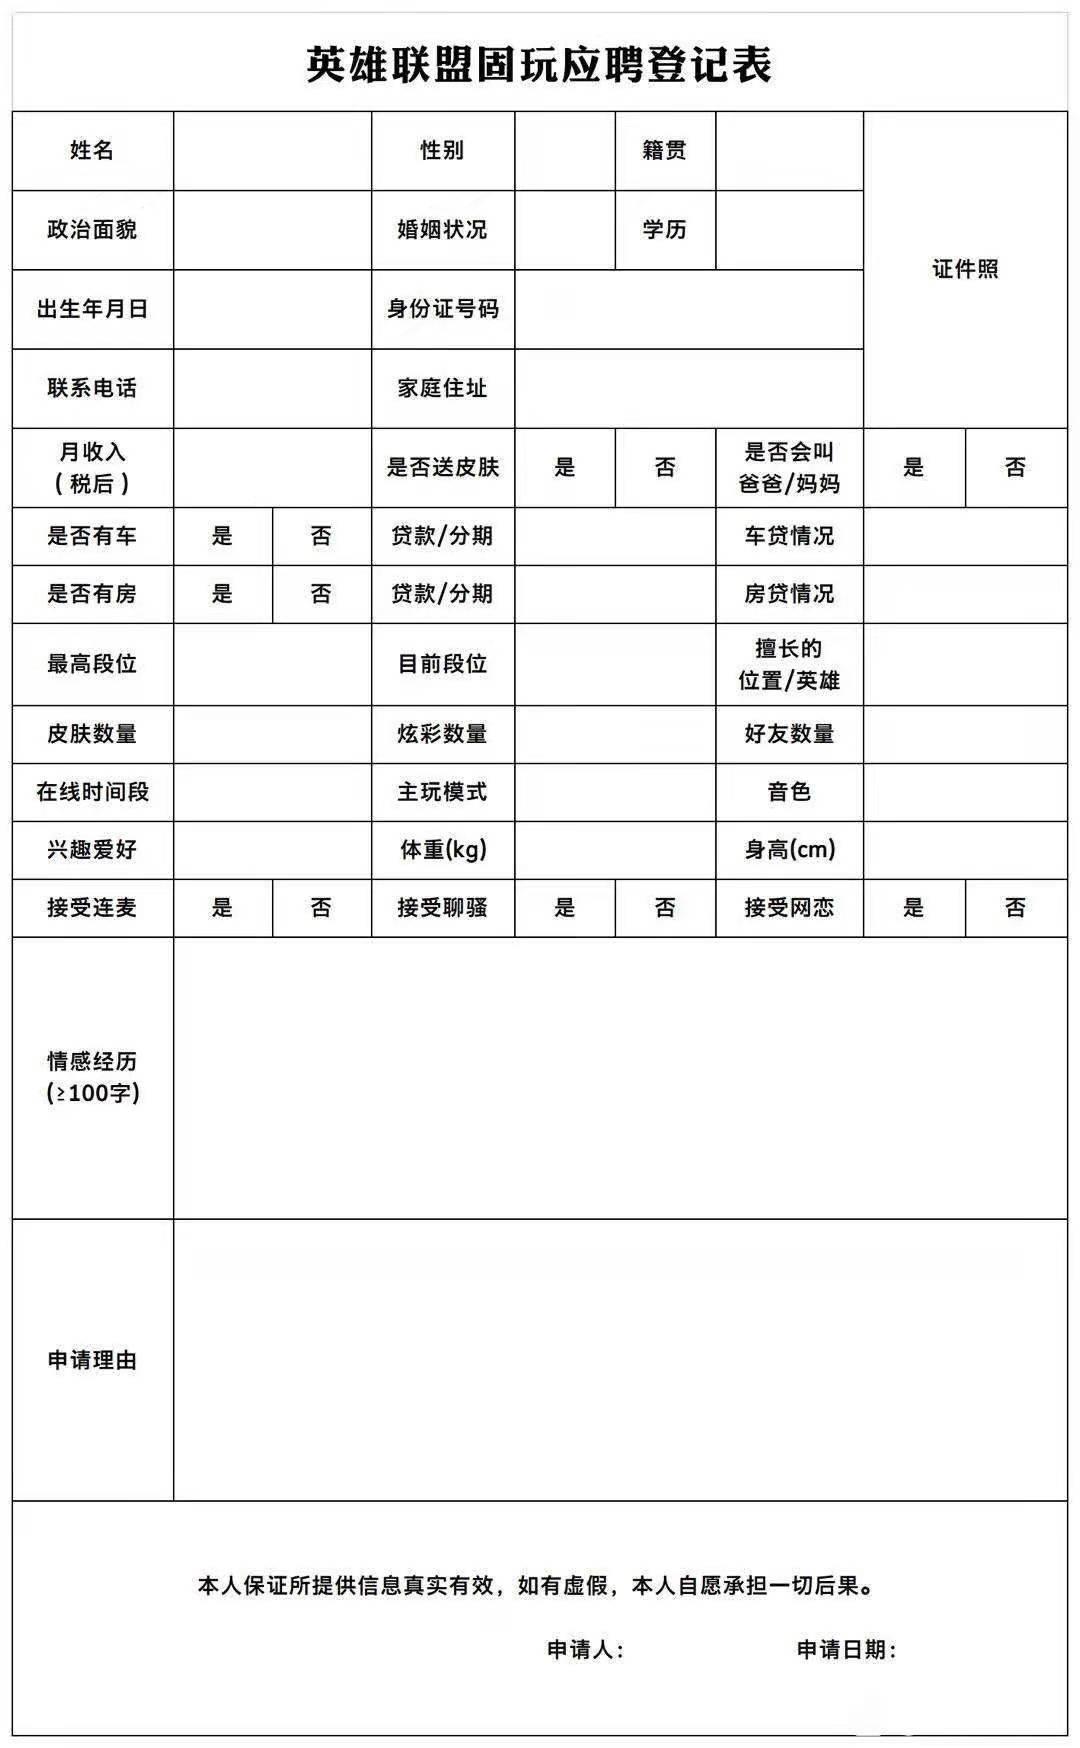 《英雄联盟手游》固玩应聘登记表一览